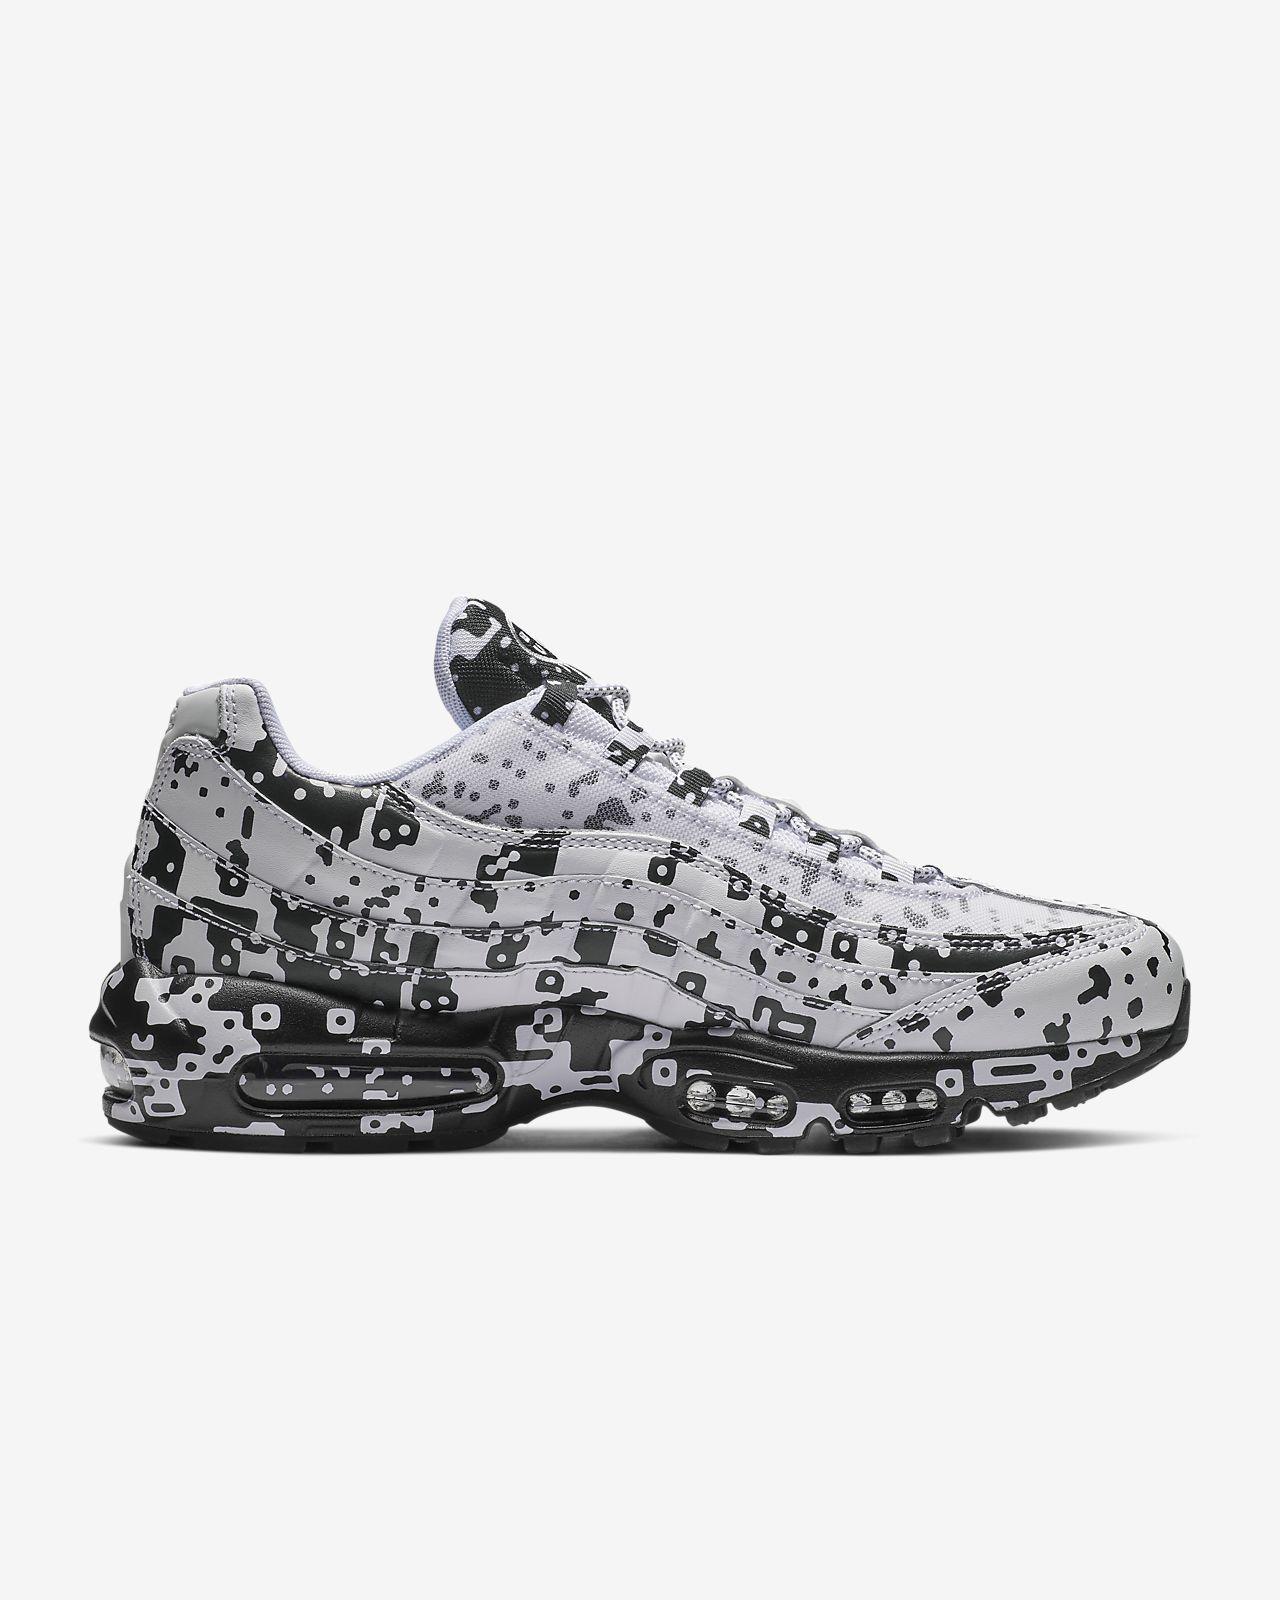 new product 3c36a a20c0 ... Nike x Cav Empt Air Max 95 Men s Shoe